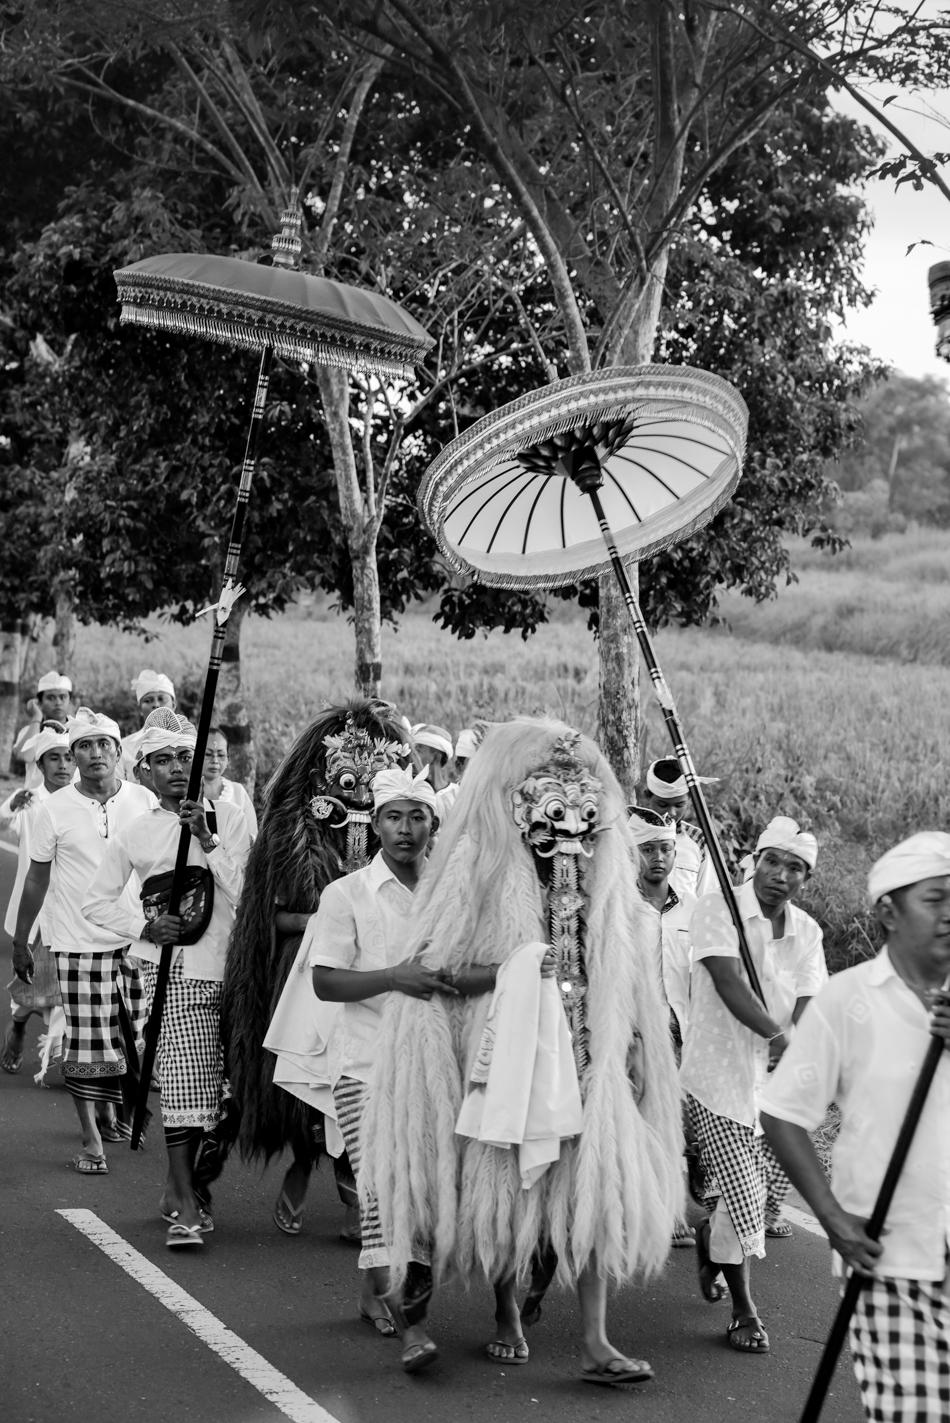 Bali-Honeymoon-Travel-AnaisStoelen-61.jpg